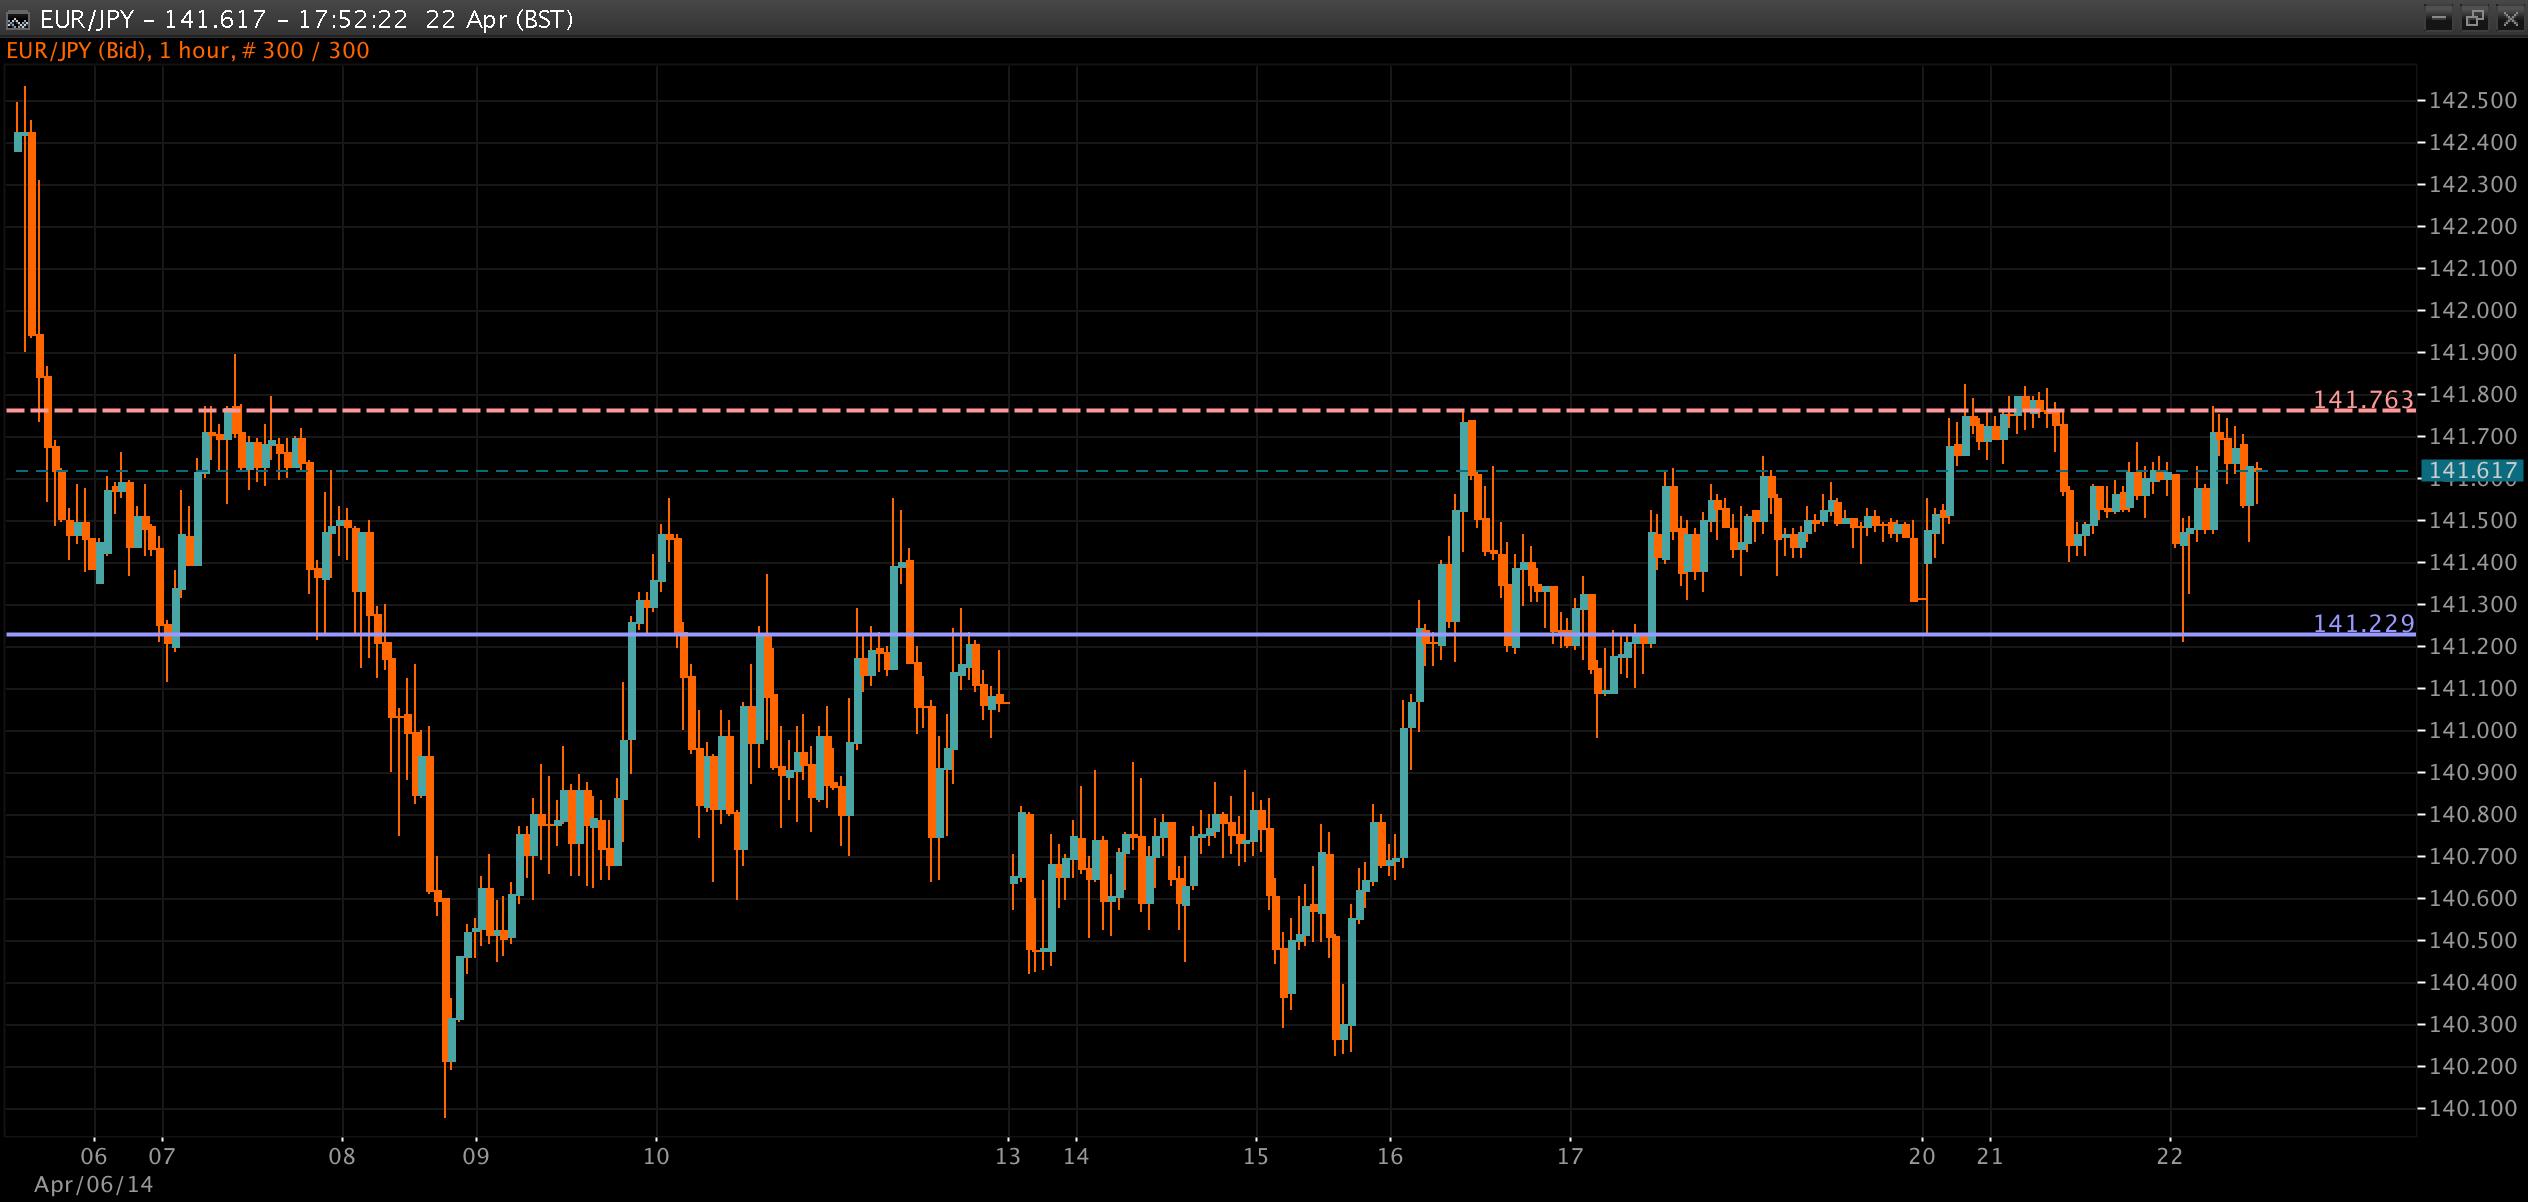 EUR/JPY Chart 22 Apr 2014